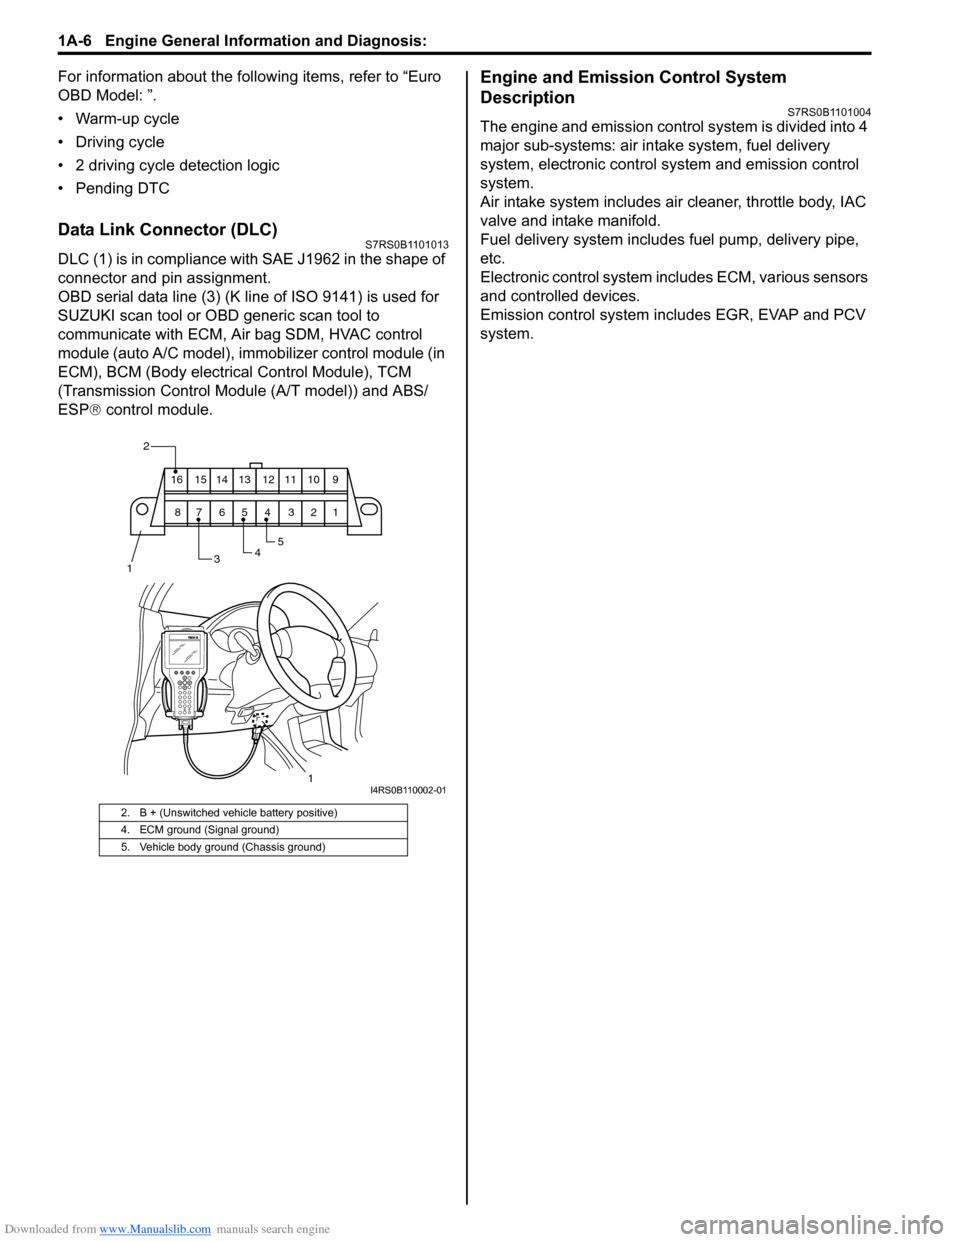 Esp Suzuki Swift 2007 2g Service Workshop Manual Fuel Pump Page 56